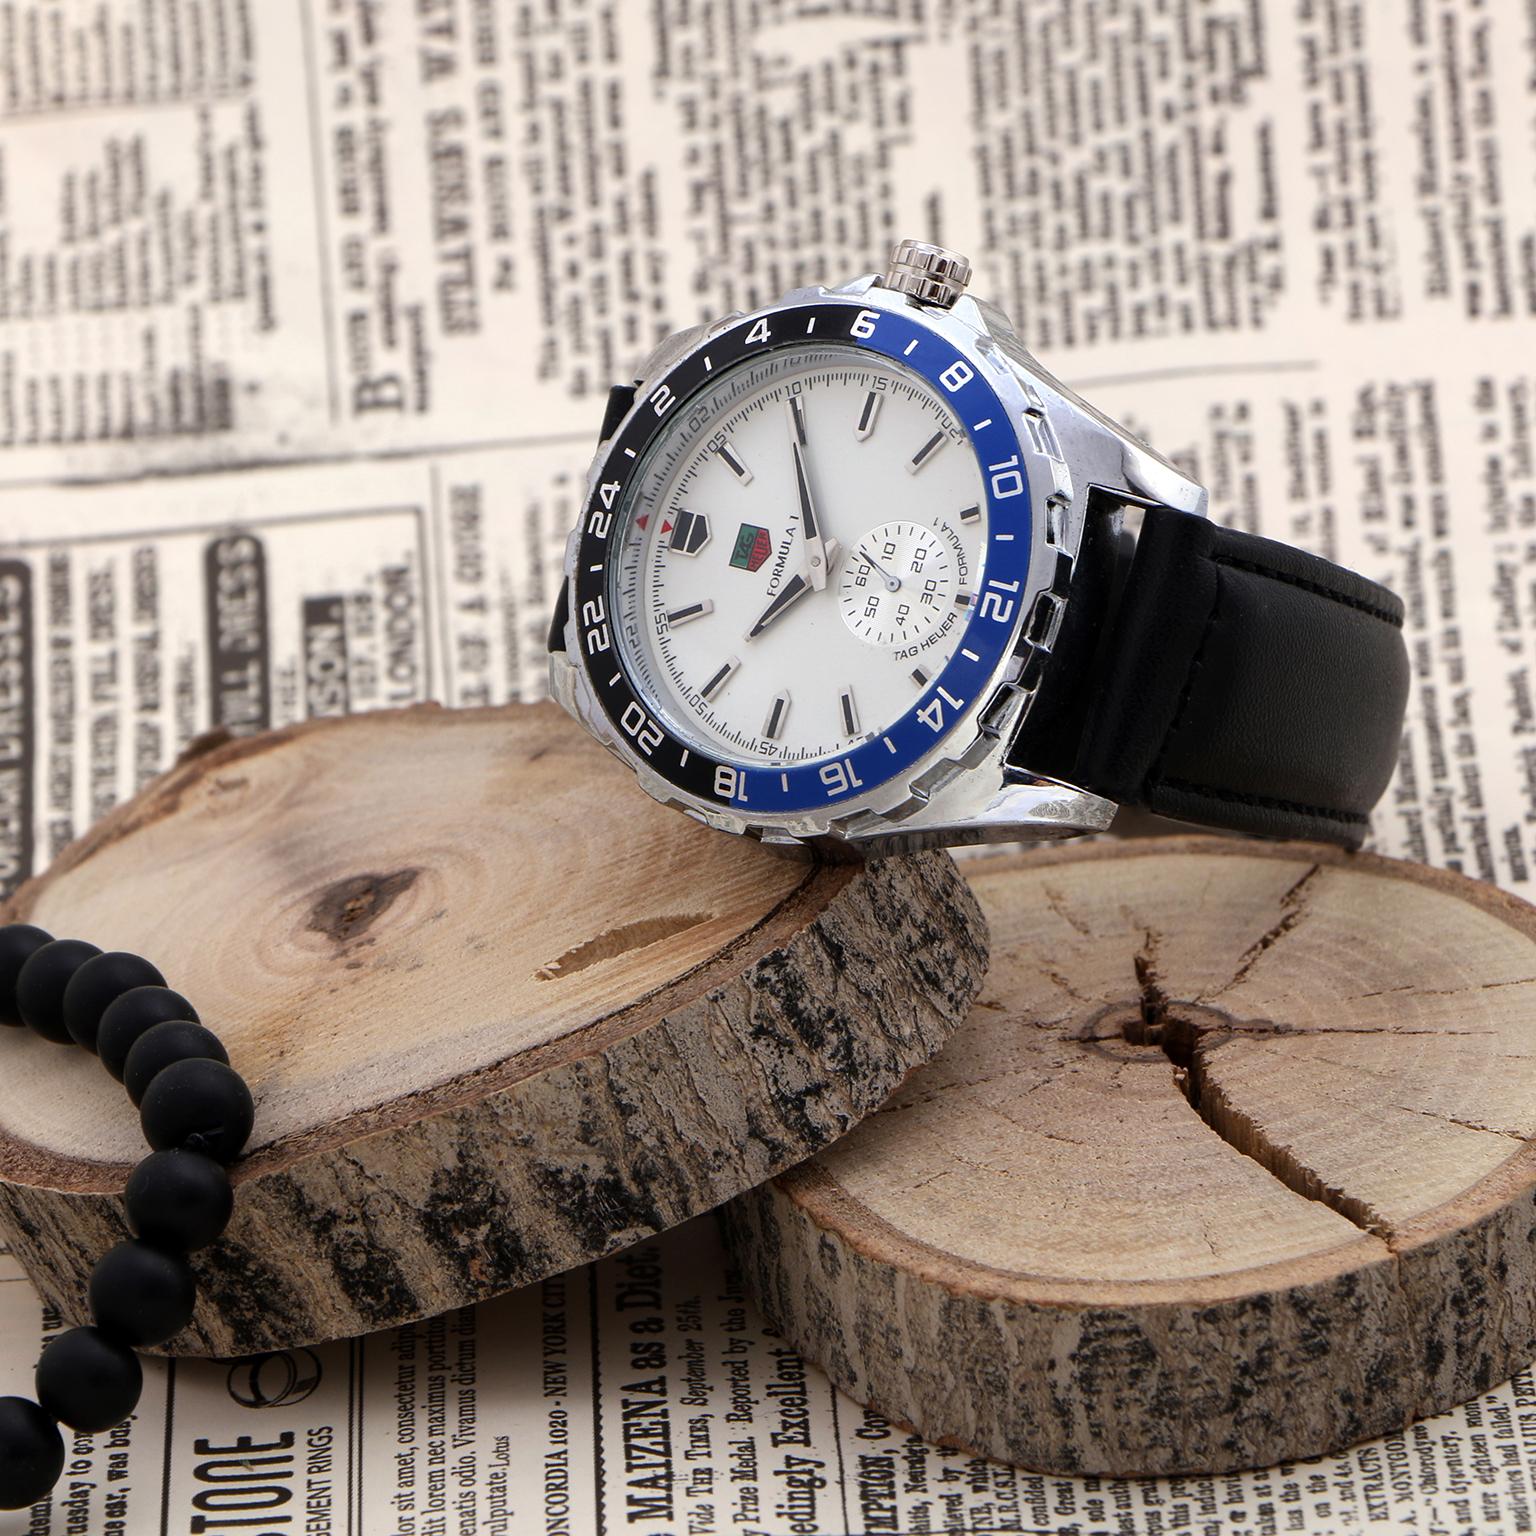 ساعت مچی عقربهای مردانه مدل FO 2949 - ME-SE-AB                     غیر اصل